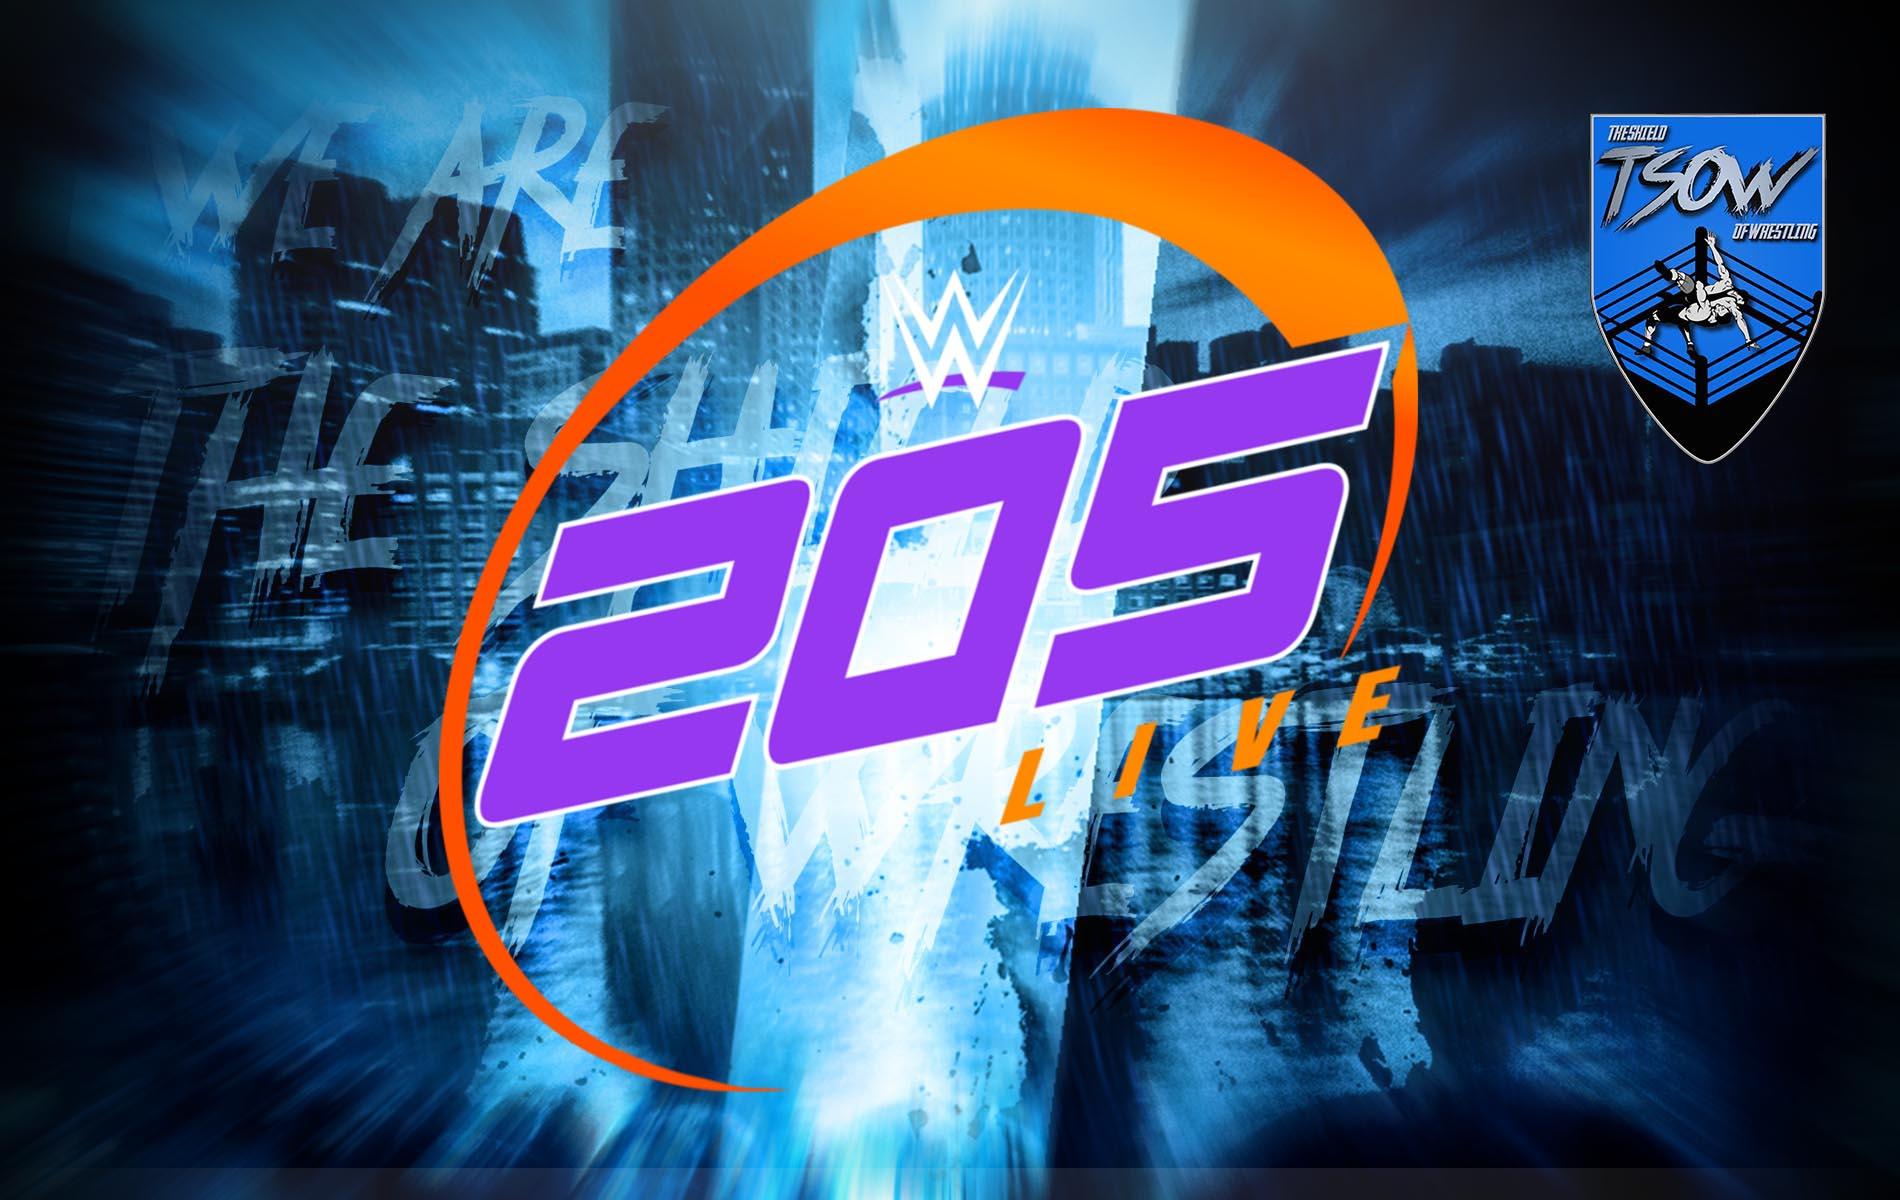 205 Live Risultati 04-06-2021 - WWE